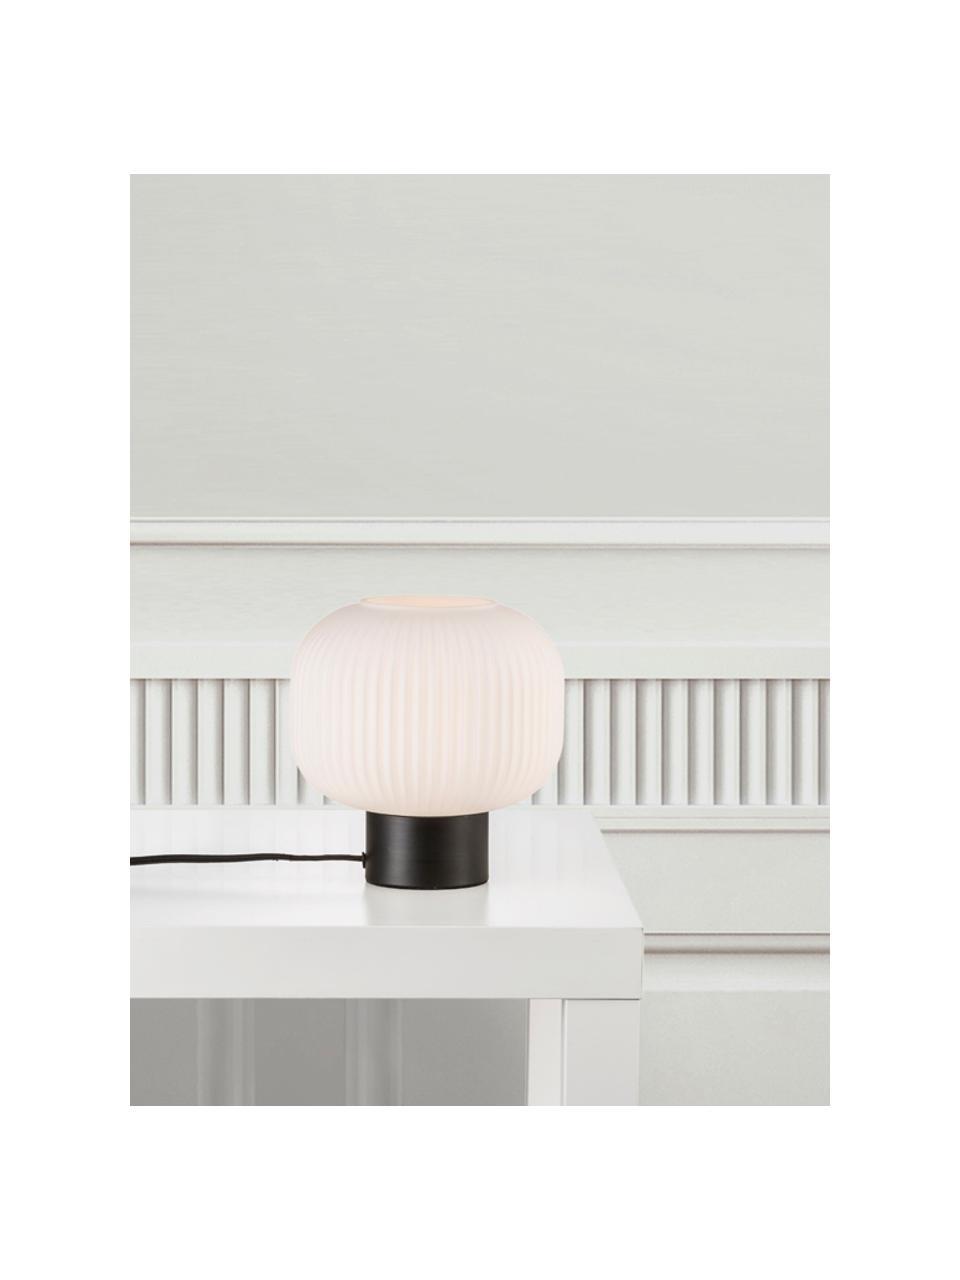 Lampada da tavolo in vetro opale Charles, Paralume: vetro opale, Base della lampada: metallo rivestito, Nero, bianco opalino, Ø 20 x Alt. 20 cm